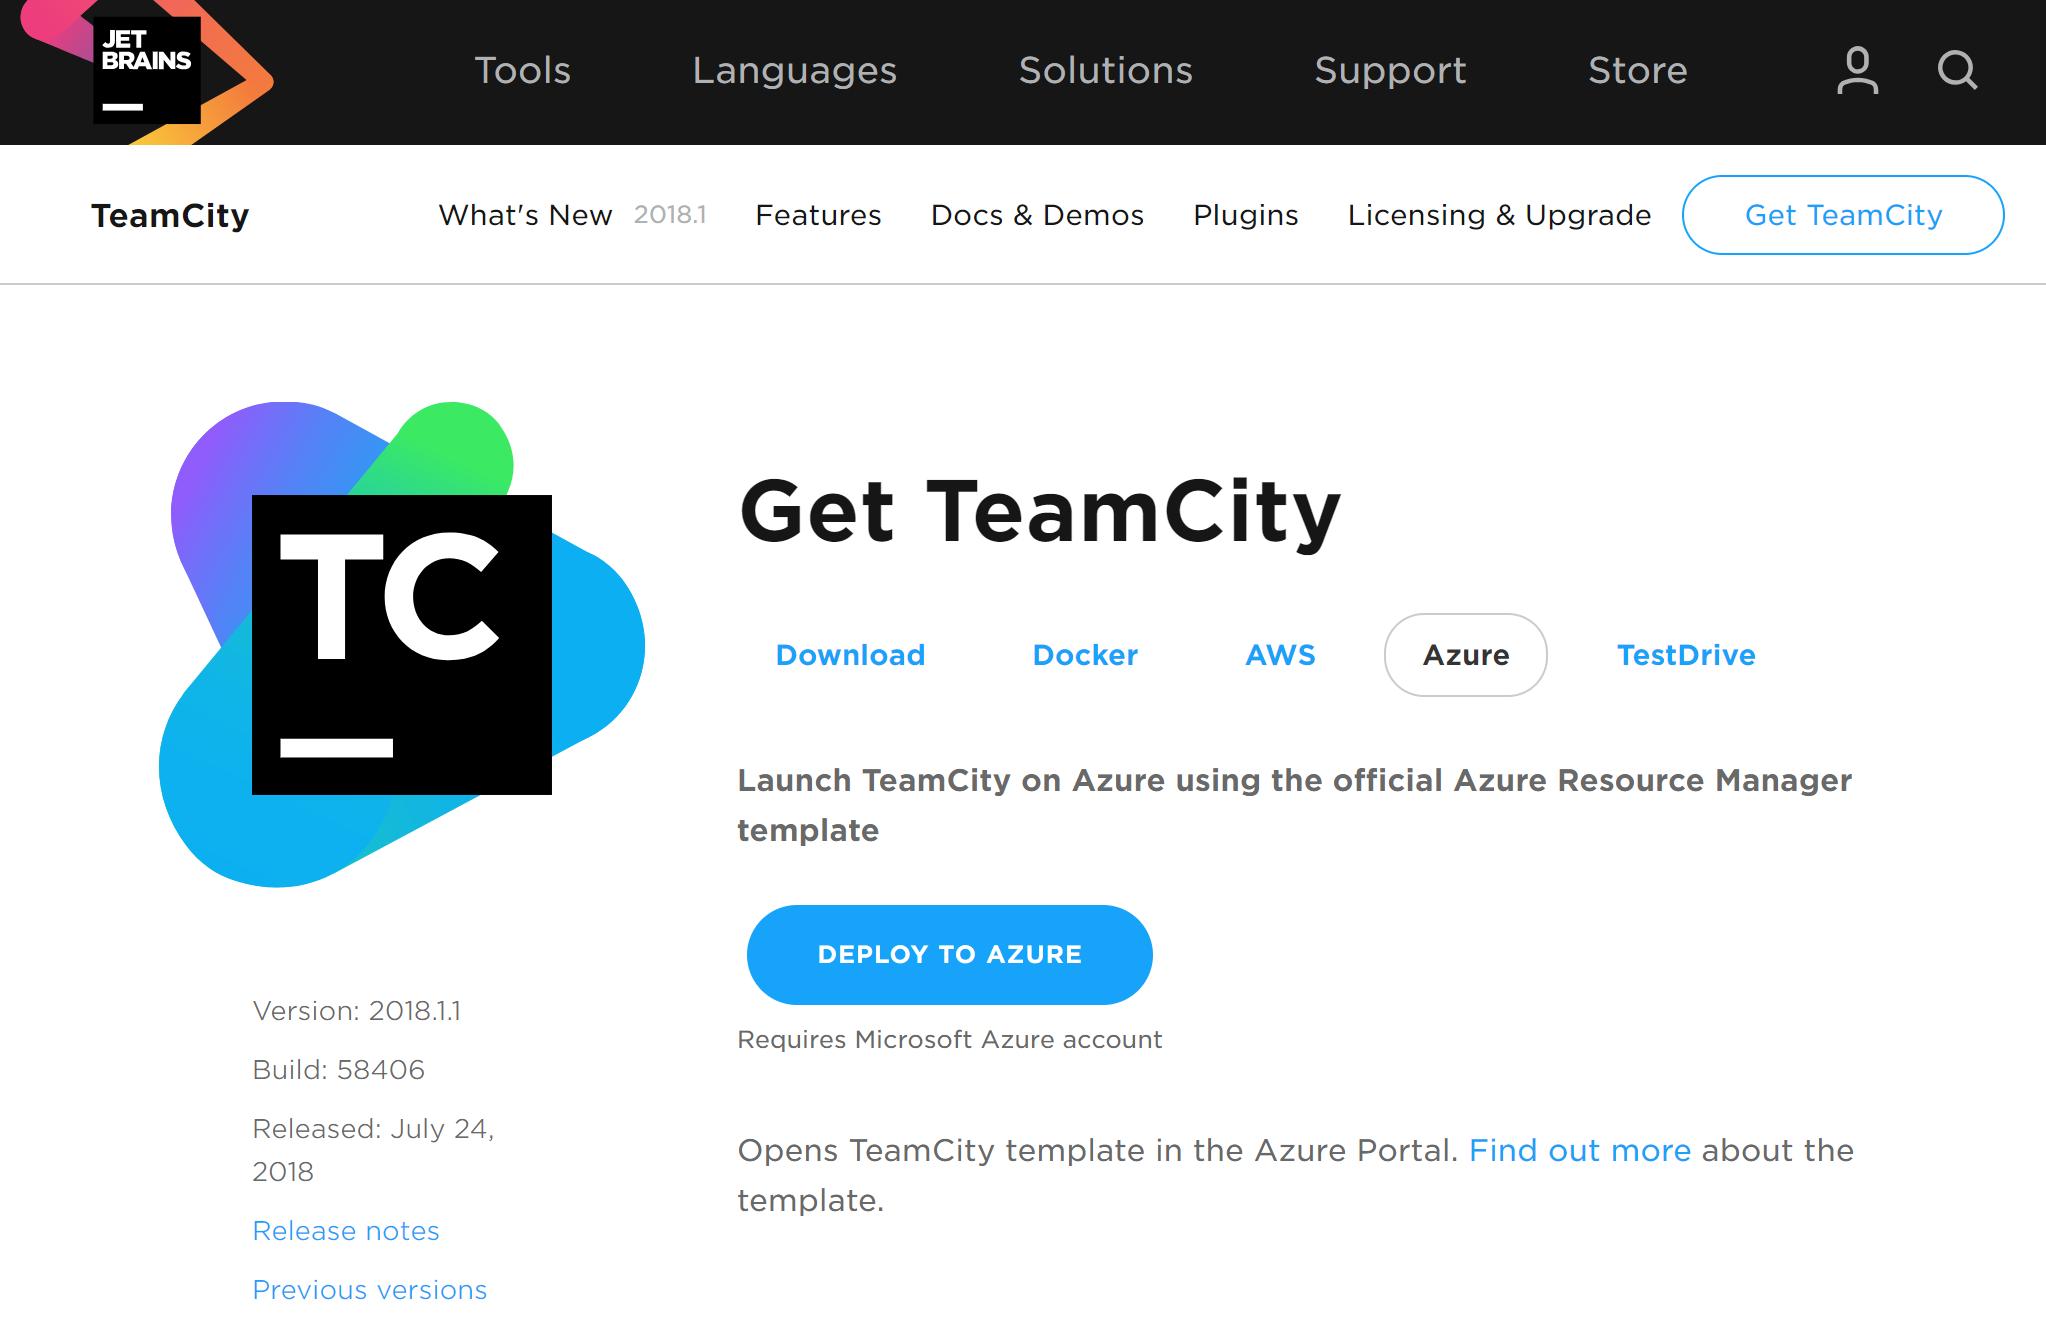 teamcity-site-deploy-2-azure